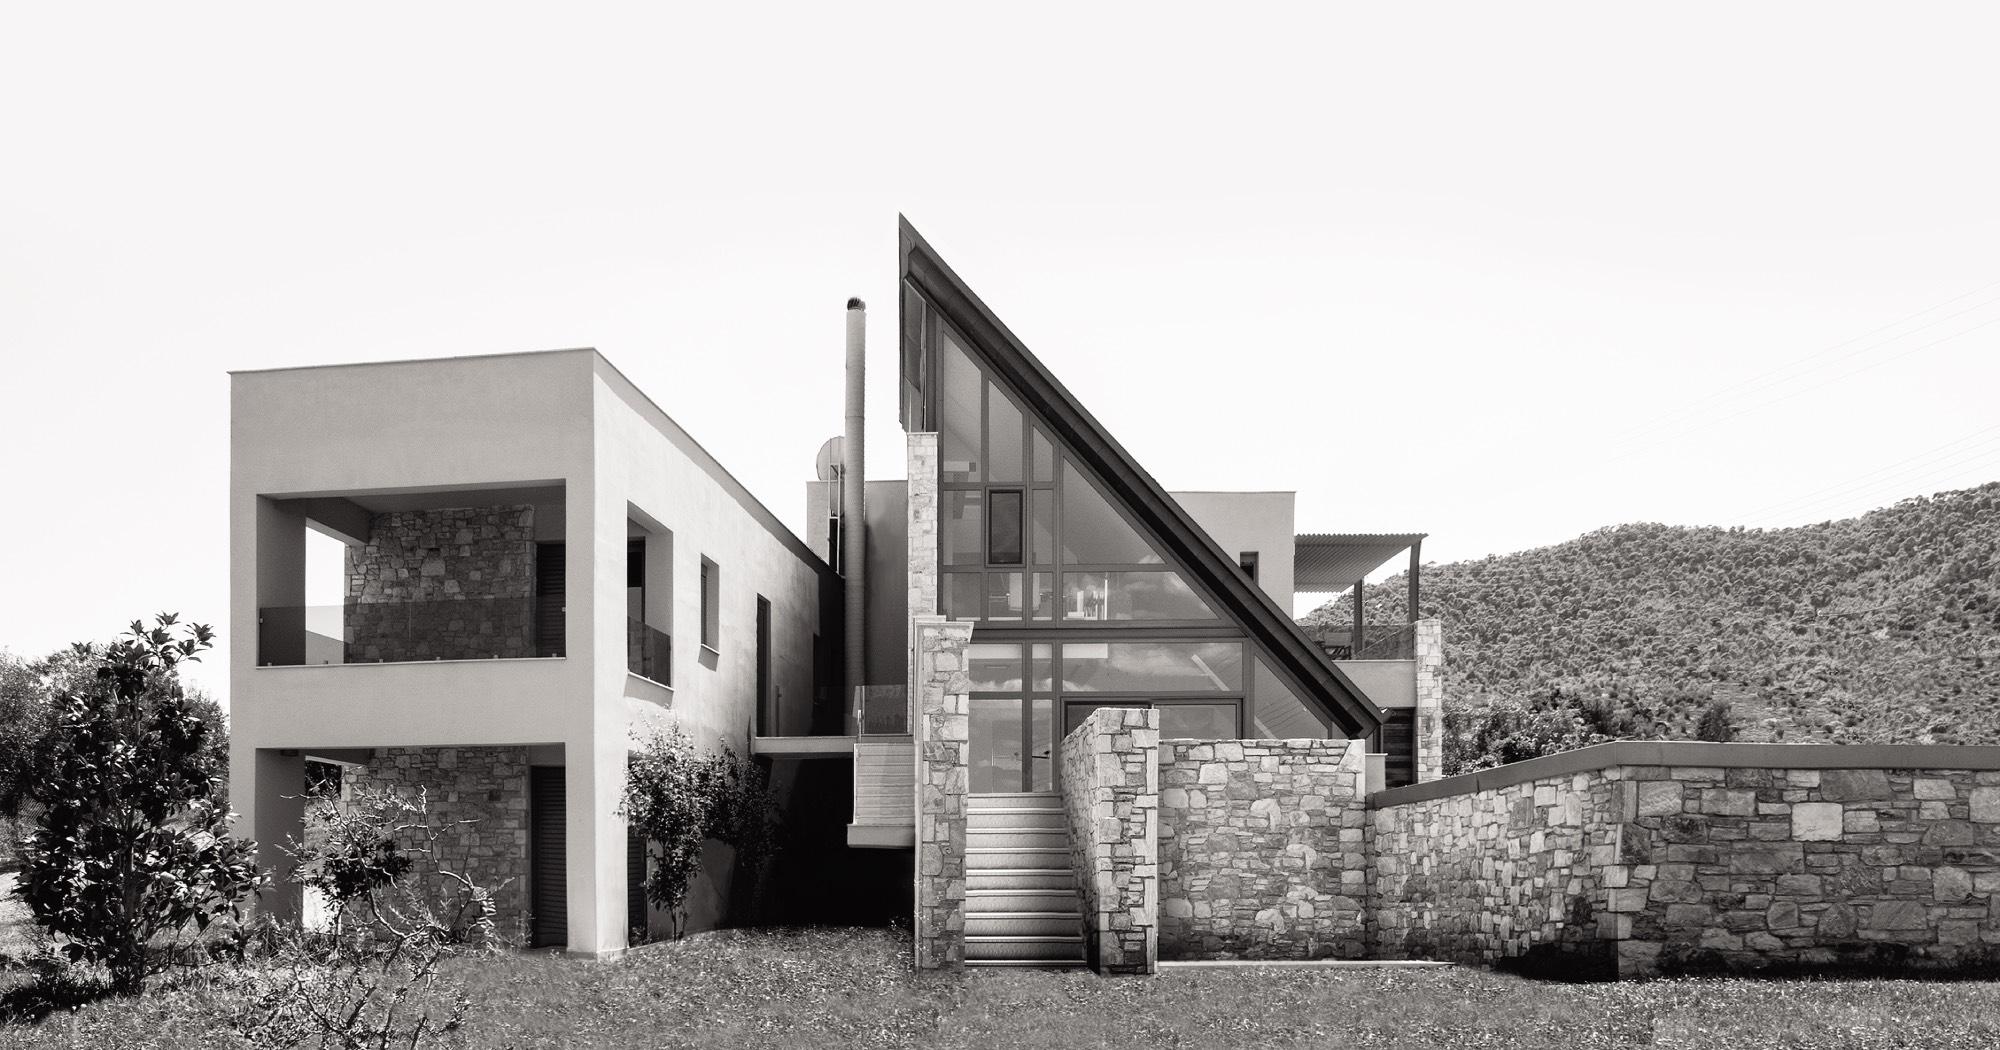 Ιδιωτική Κατοικία στην Αττική